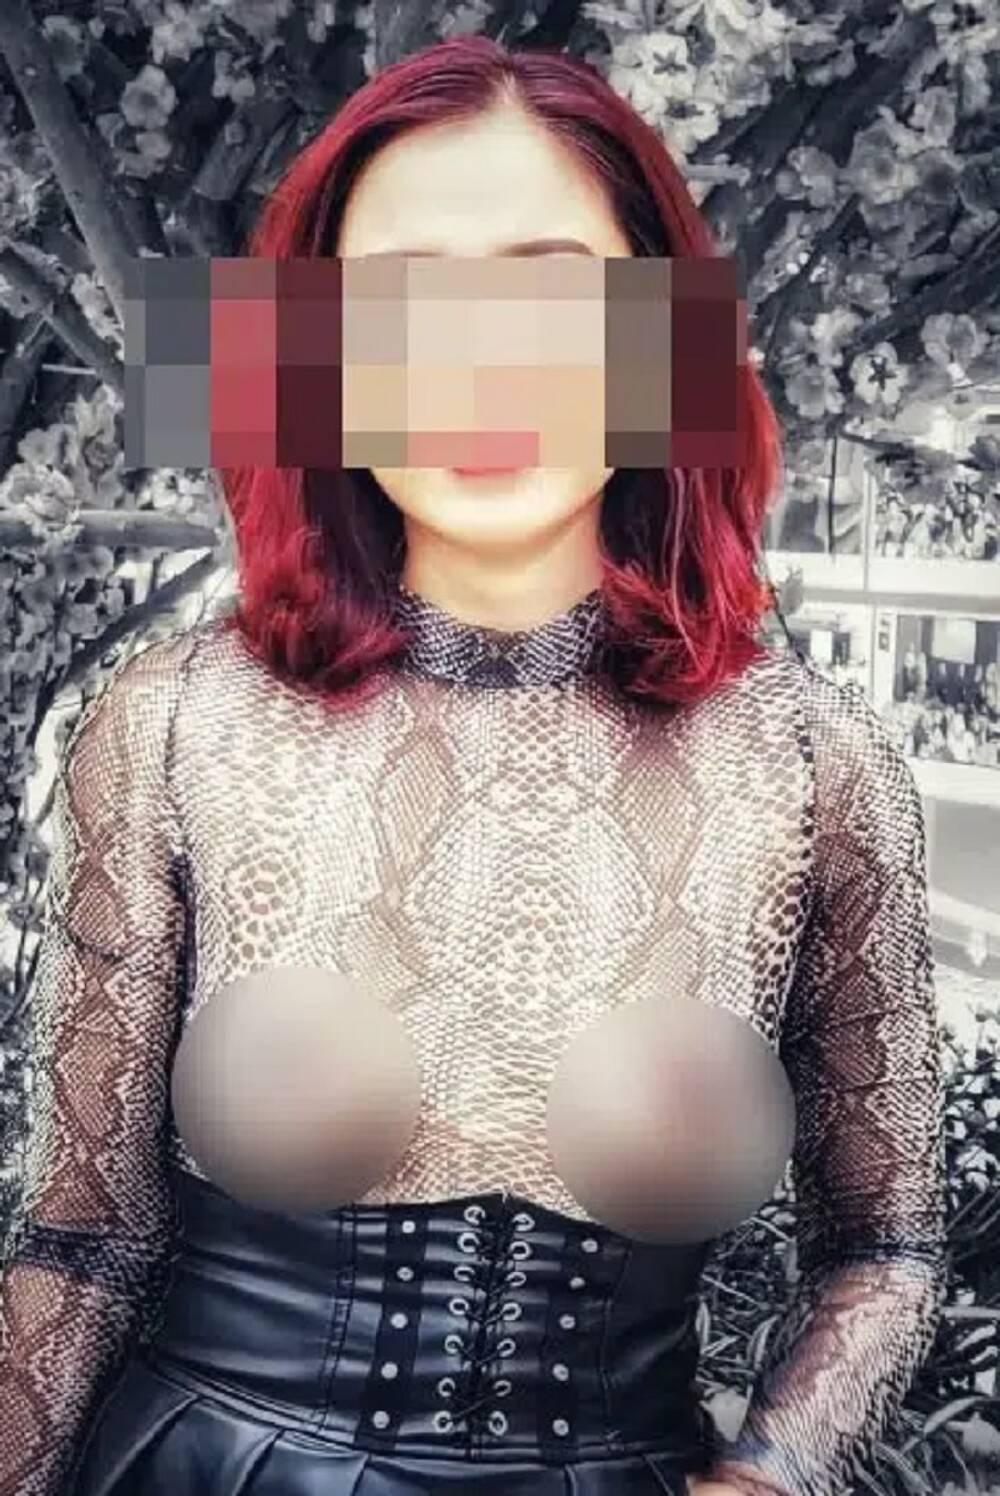 Người phụ nữ thả rông ngực ở Sài Gòn: 'Tôi cho rằng ngực là bộ phận đáng được thể hiện ở nơi công cộng' - Ảnh 5